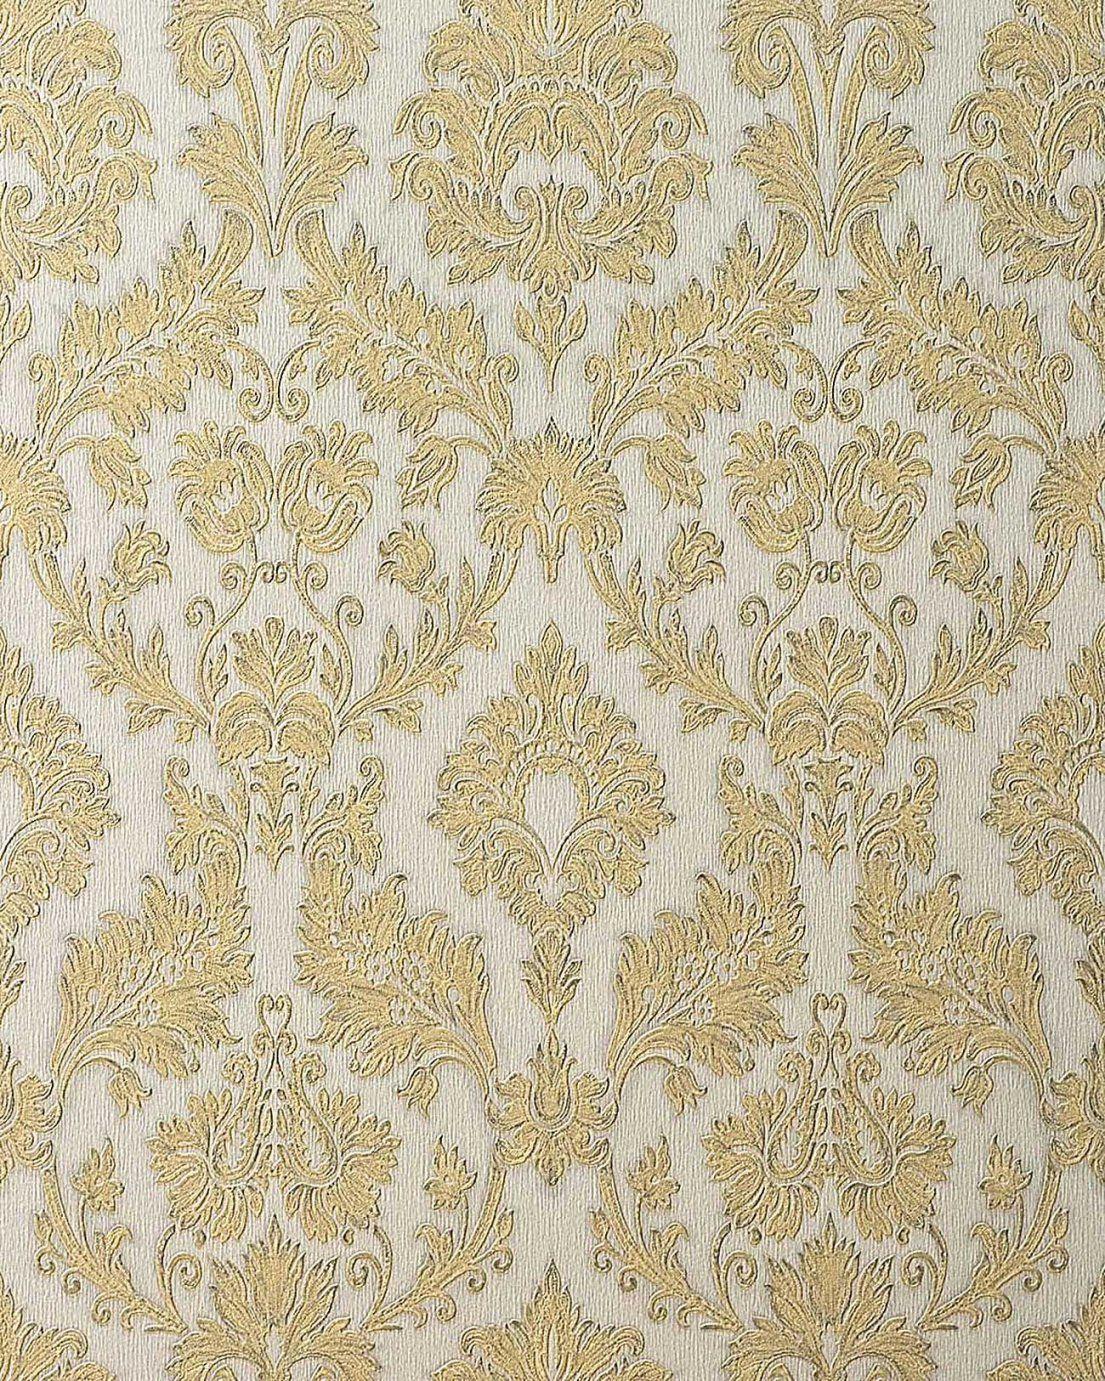 Barock Tapete Weiß Tapete Barock Blume Wei Silber Tapete Rasch von Barock Tapete Weiß Gold Bild